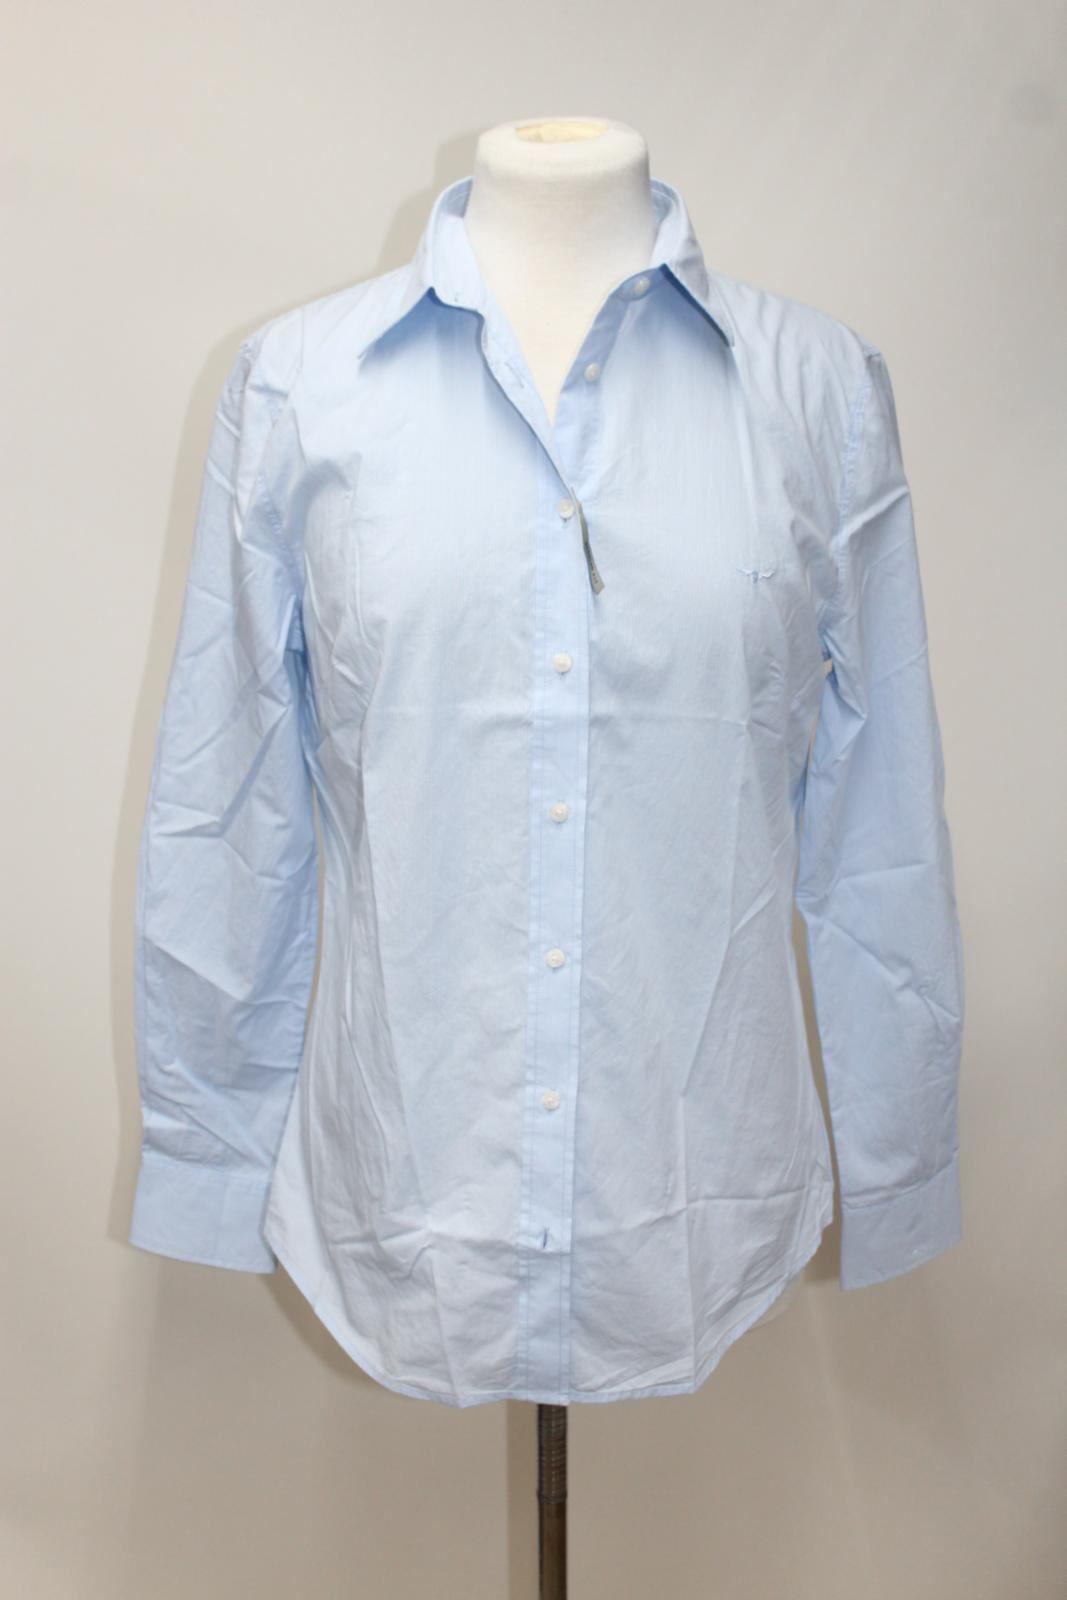 37e7a099b9 BNWT R.M. WILLIAMS DONNA DONNA DONNA AZZURRO GESSATO Camicia a maniche  lunghe cotone UK12 bfae4e